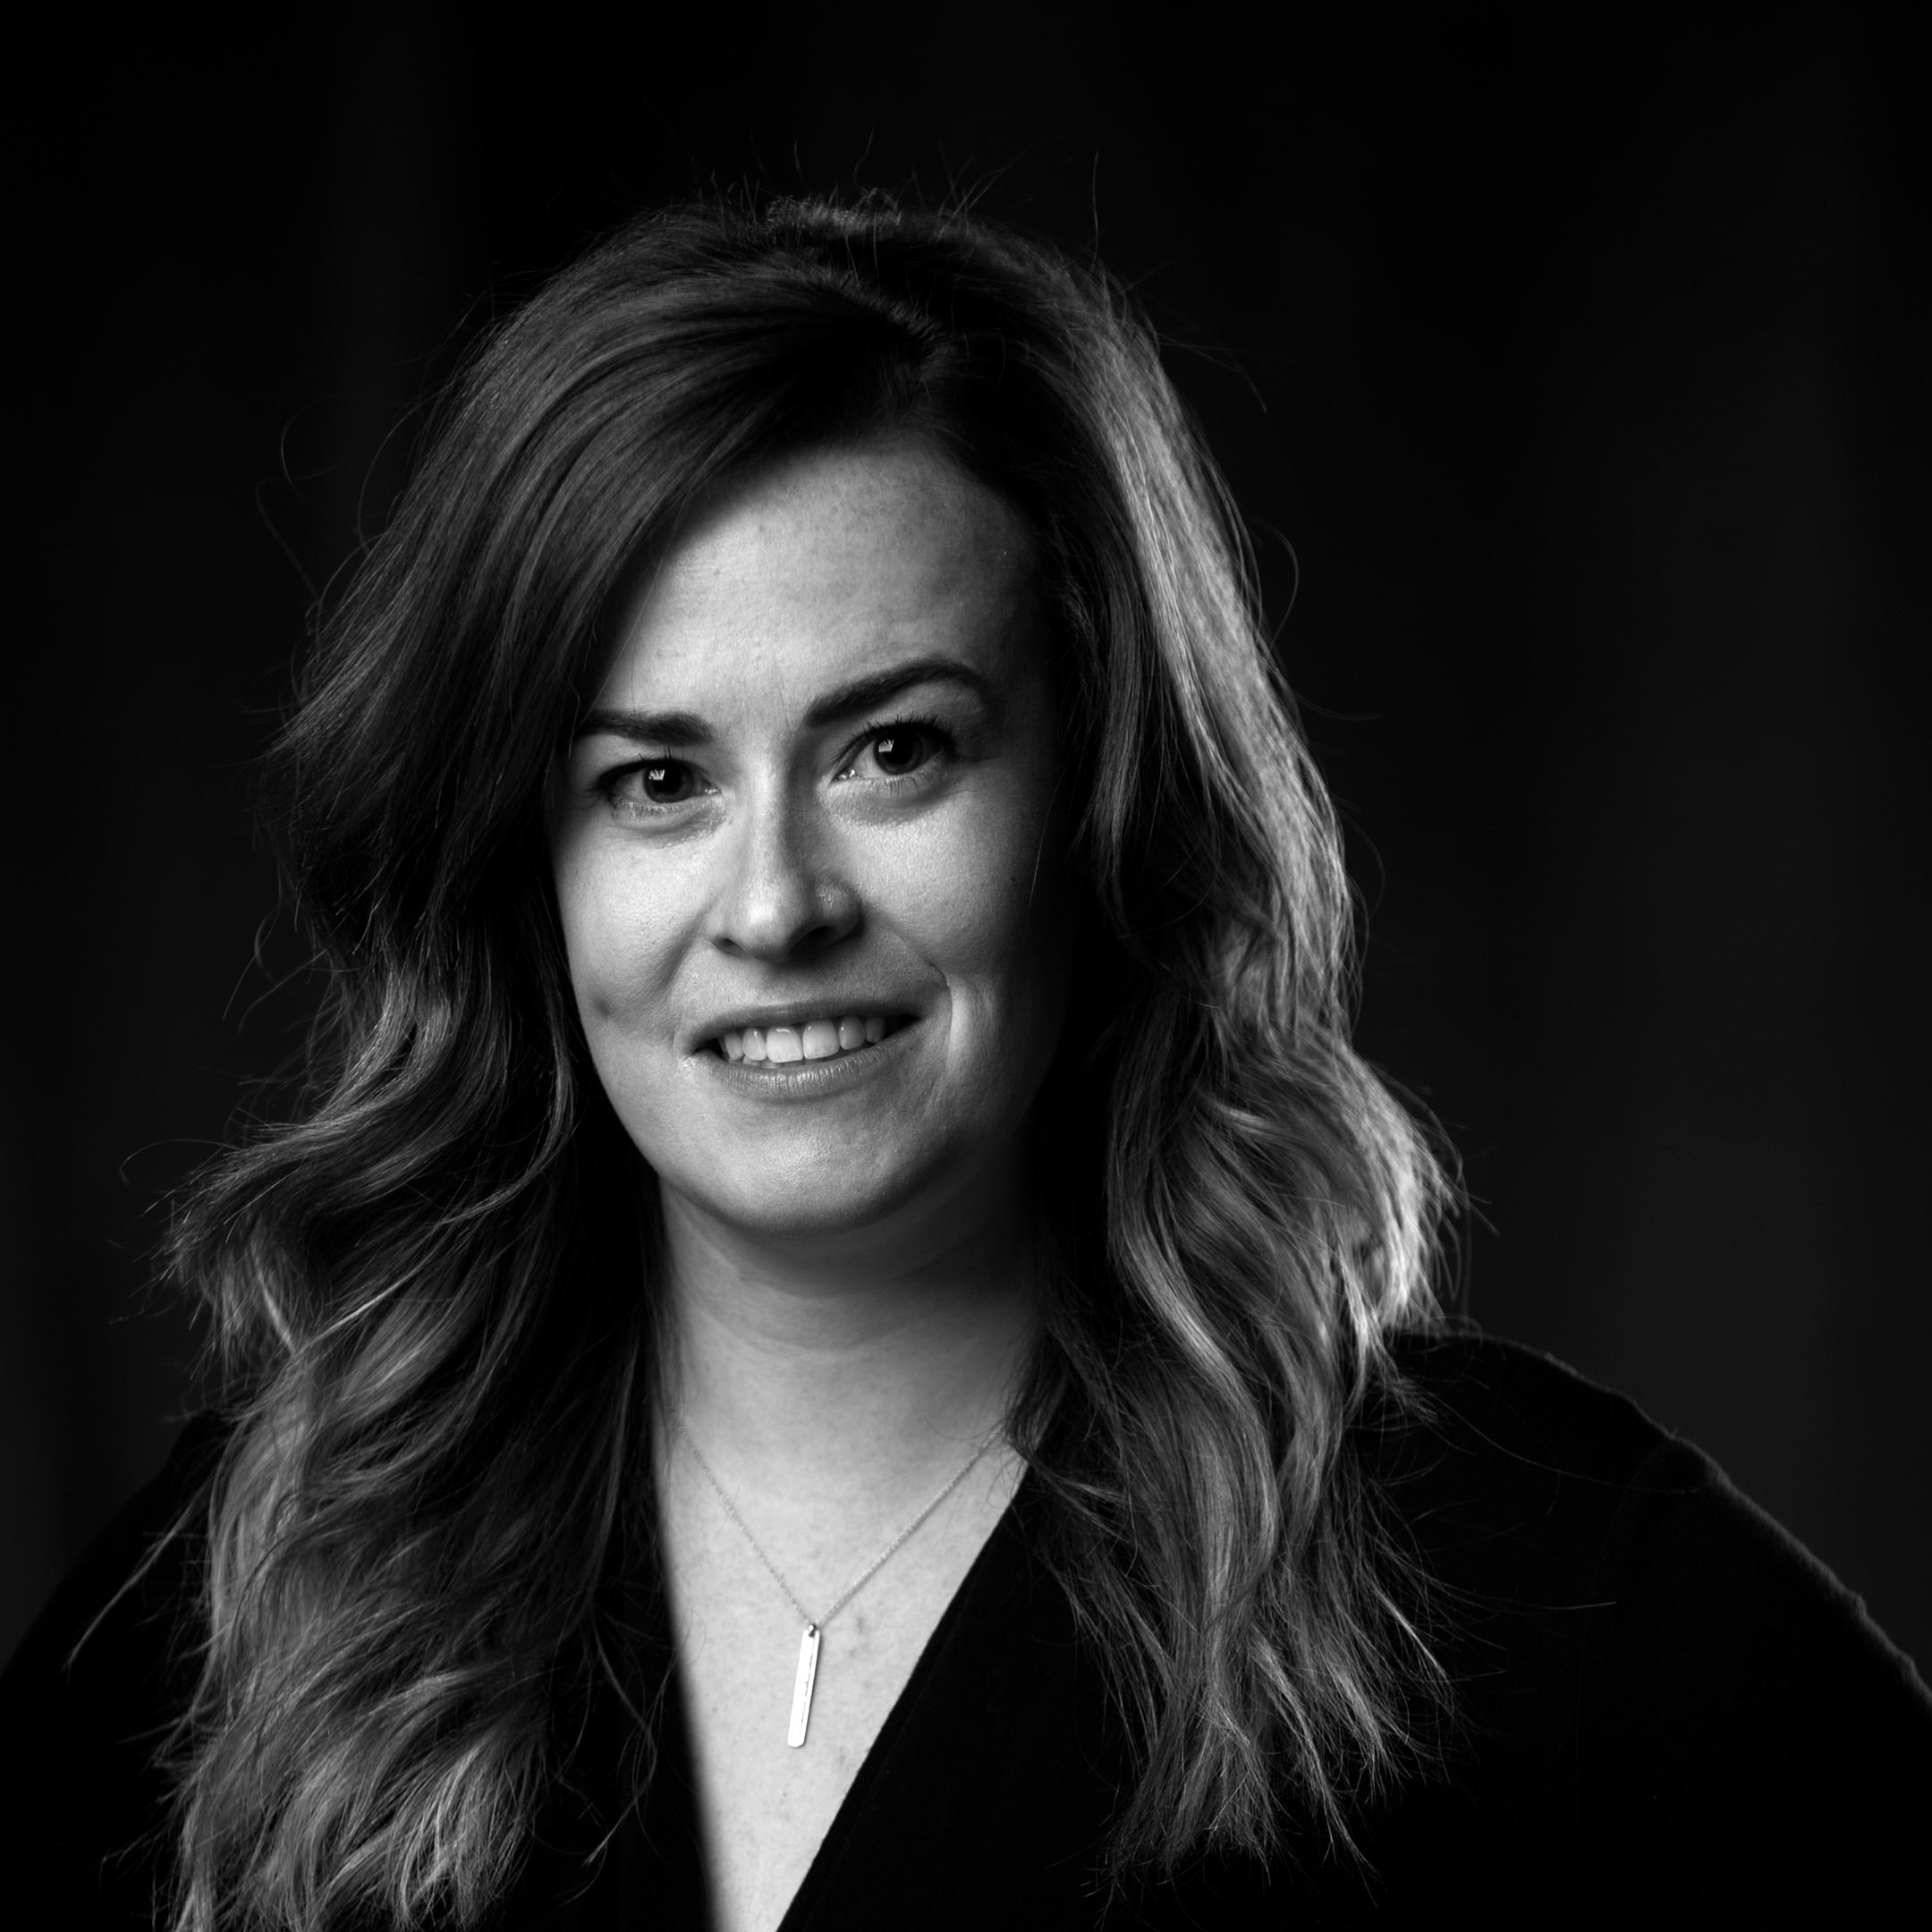 Lauren Morgan - Brand Strategist